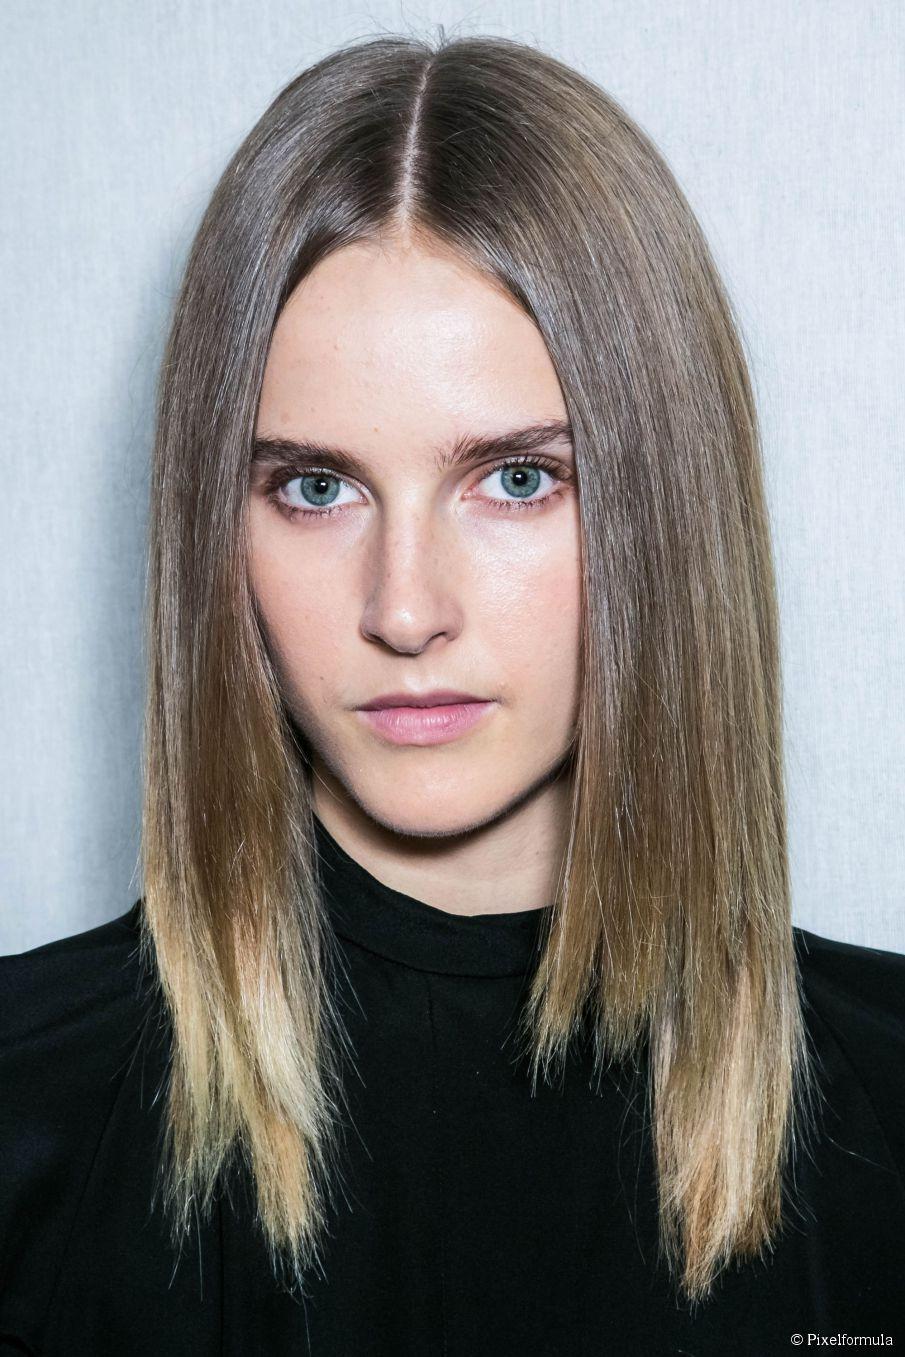 Sleek Urlaub Frisur Tutorial für jede Länge Haar